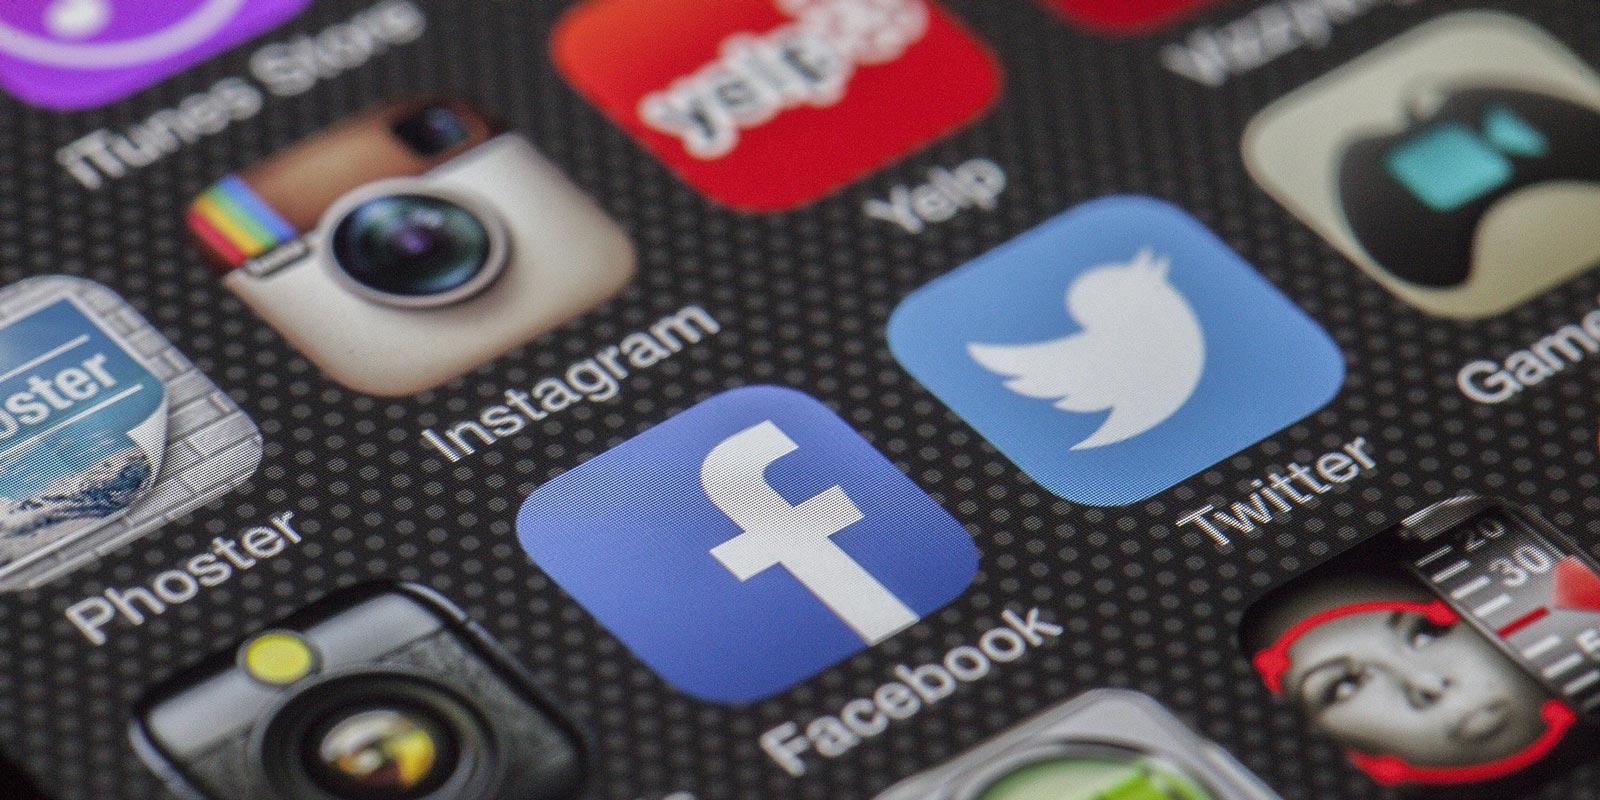 Nejoblíbenější sociální sítě teenagerů